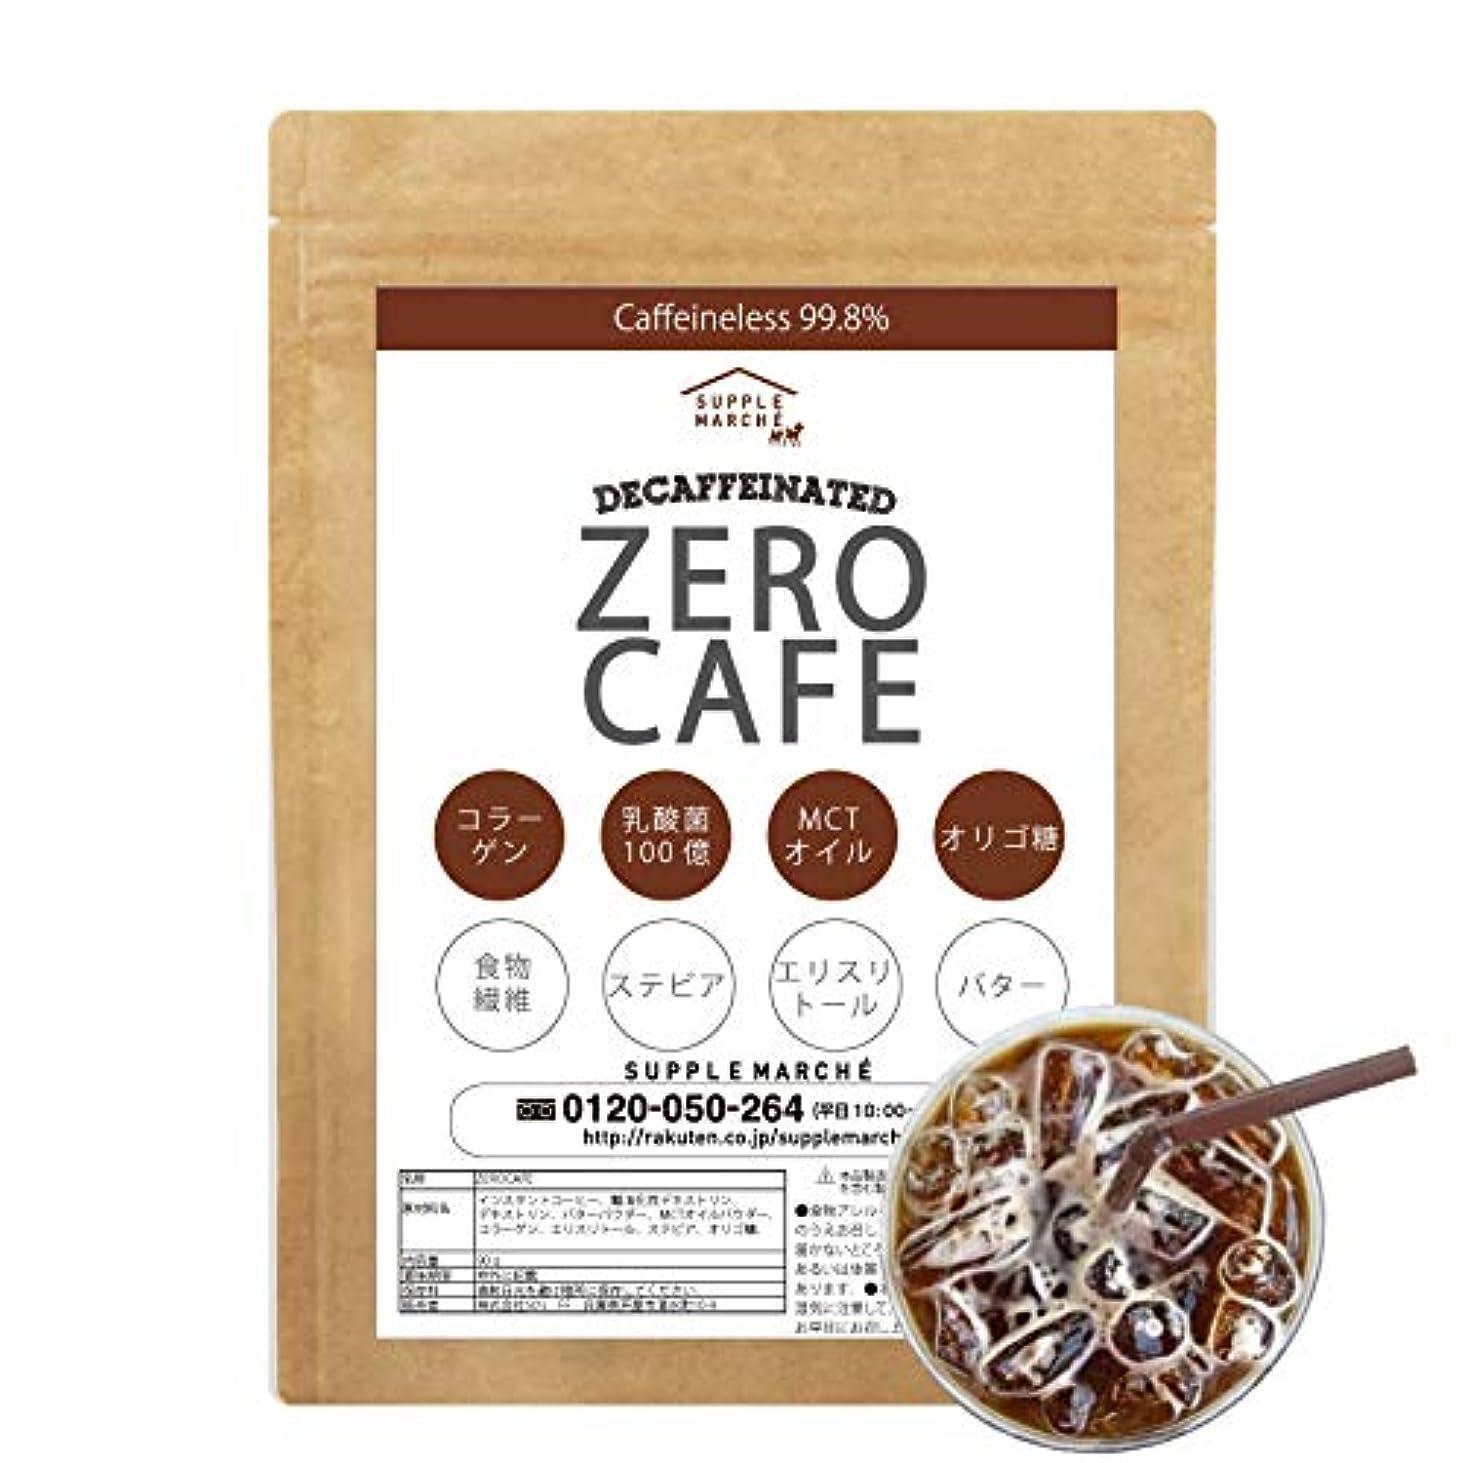 圧縮された航海うれしいダイエットコーヒー デカフェ バターコーヒー 90g (約30杯) アイスコーヒー カフェインレス MCTオイル 乳酸菌 コラーゲン オリゴ糖 ダイエット シリコンバレー式